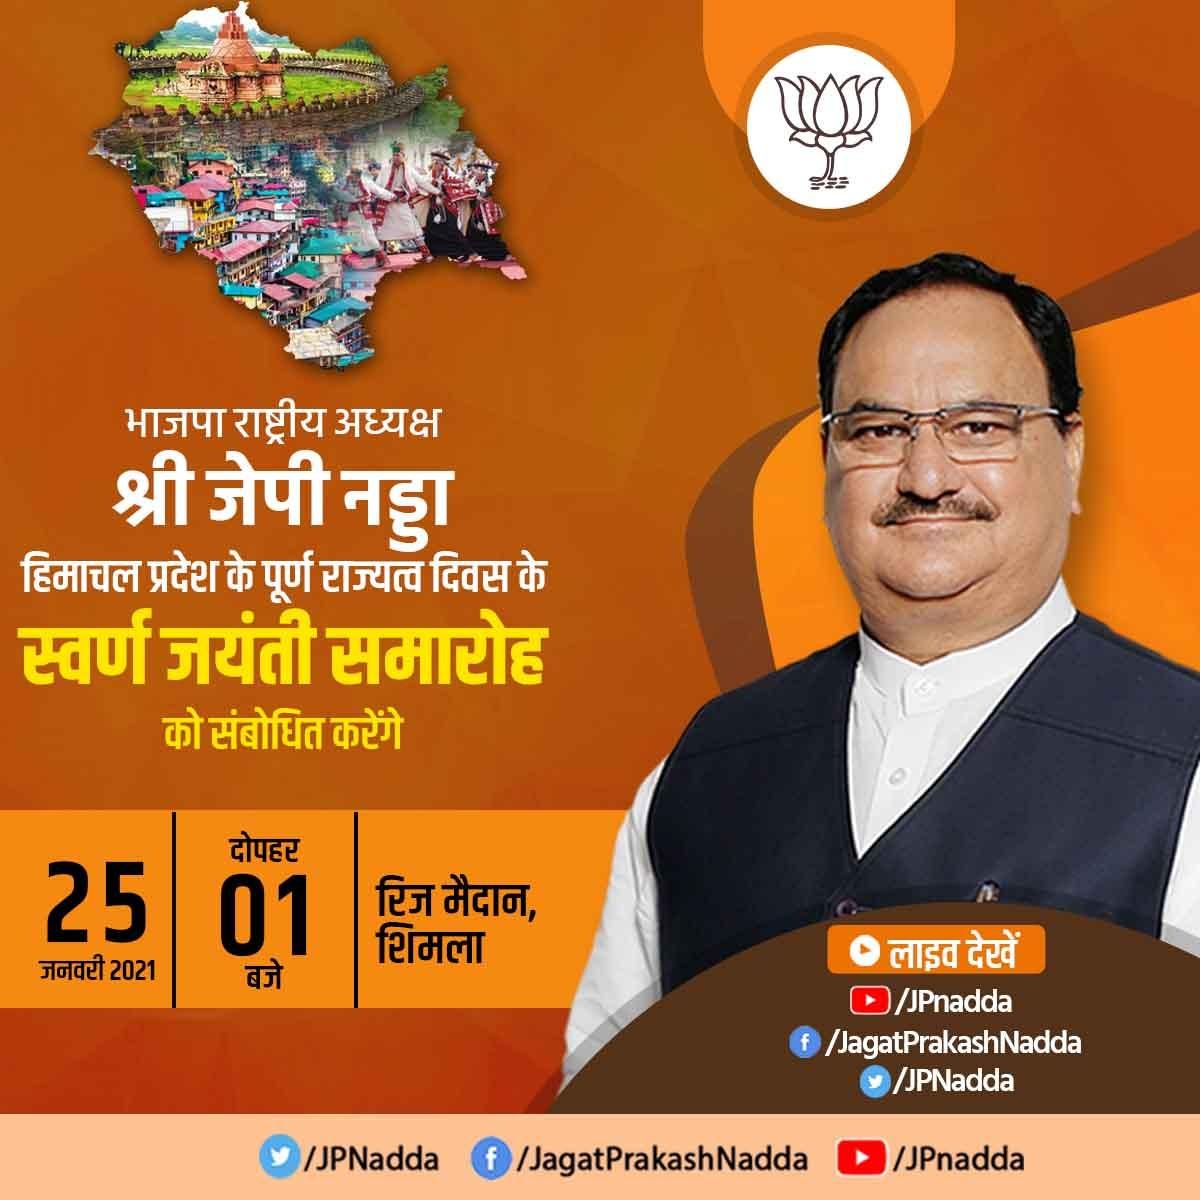 भाजपा राष्ट्रीय अध्यक्ष श्री @JPNadda जी कल दोपहर 1 बजे रिज मैदान, शिमला में हिमाचल प्रदेश के पूर्ण राज्यत्व दिवस के स्वर्ण जयंती समारोह को संबोधित करेंगे।